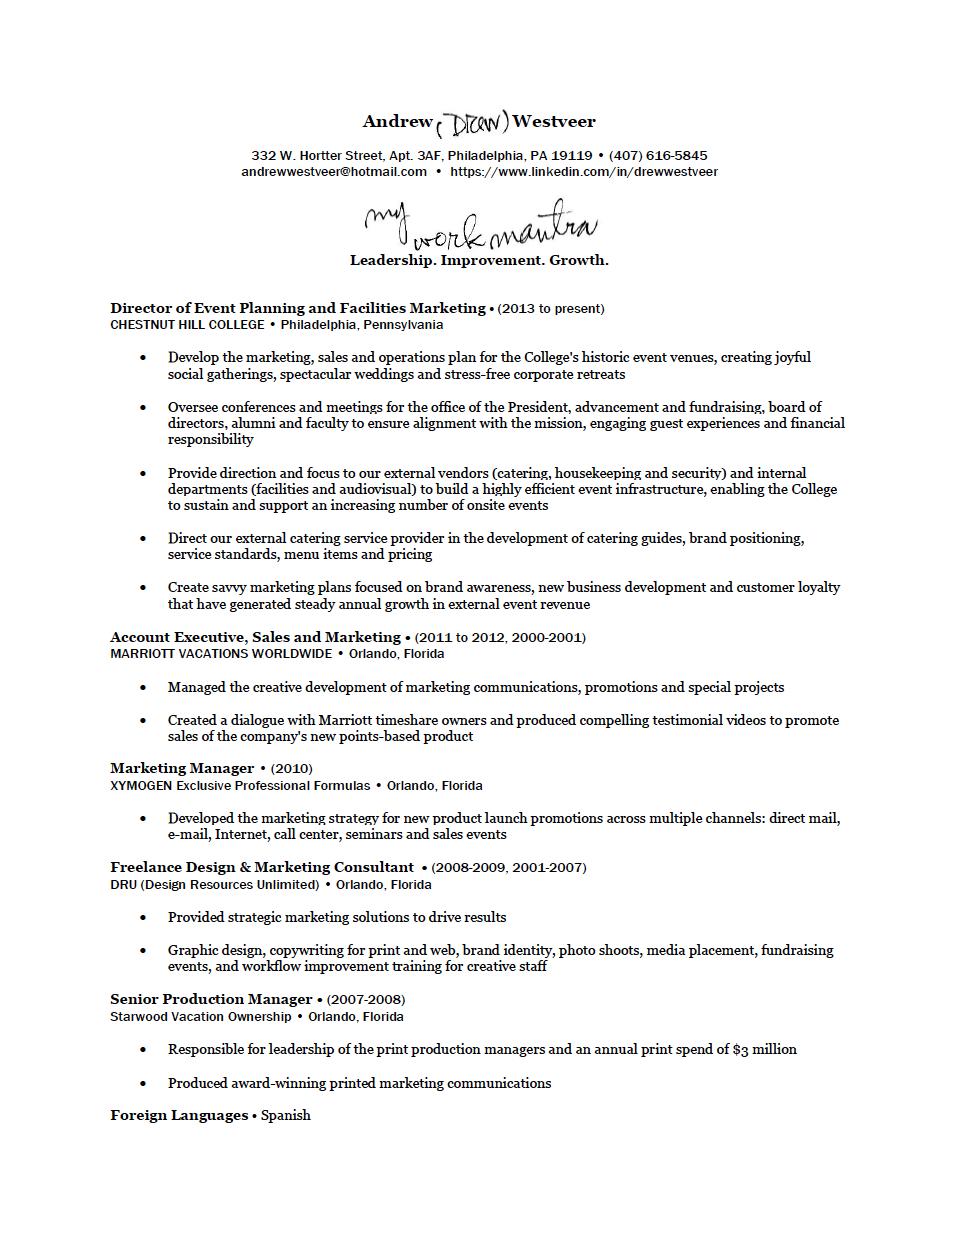 Drew Westveer's Resume